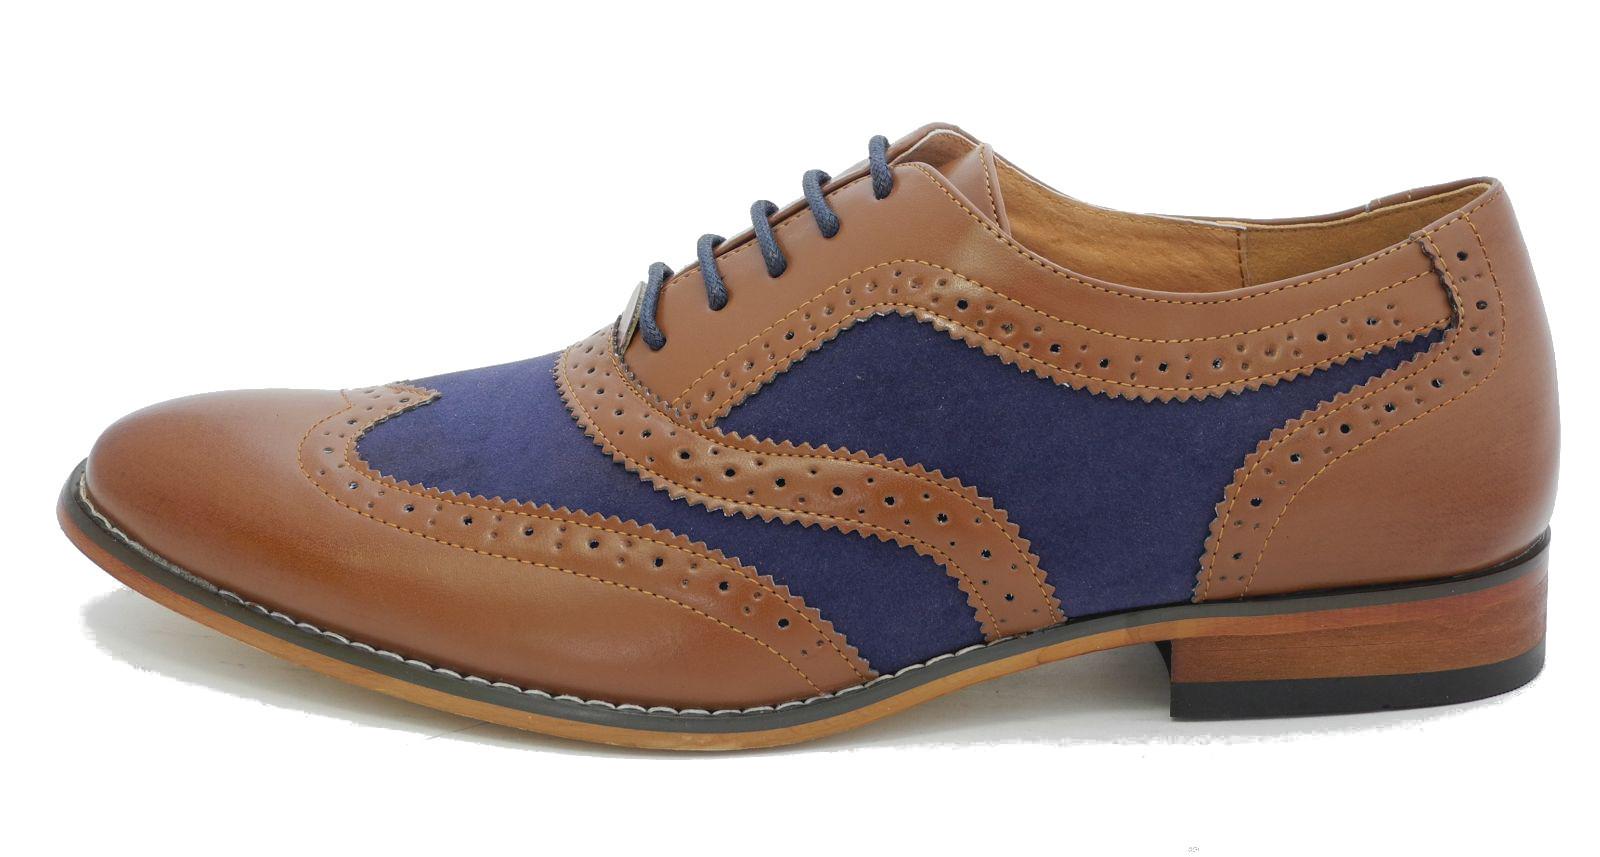 Mens Shoes Blue Brogues Size